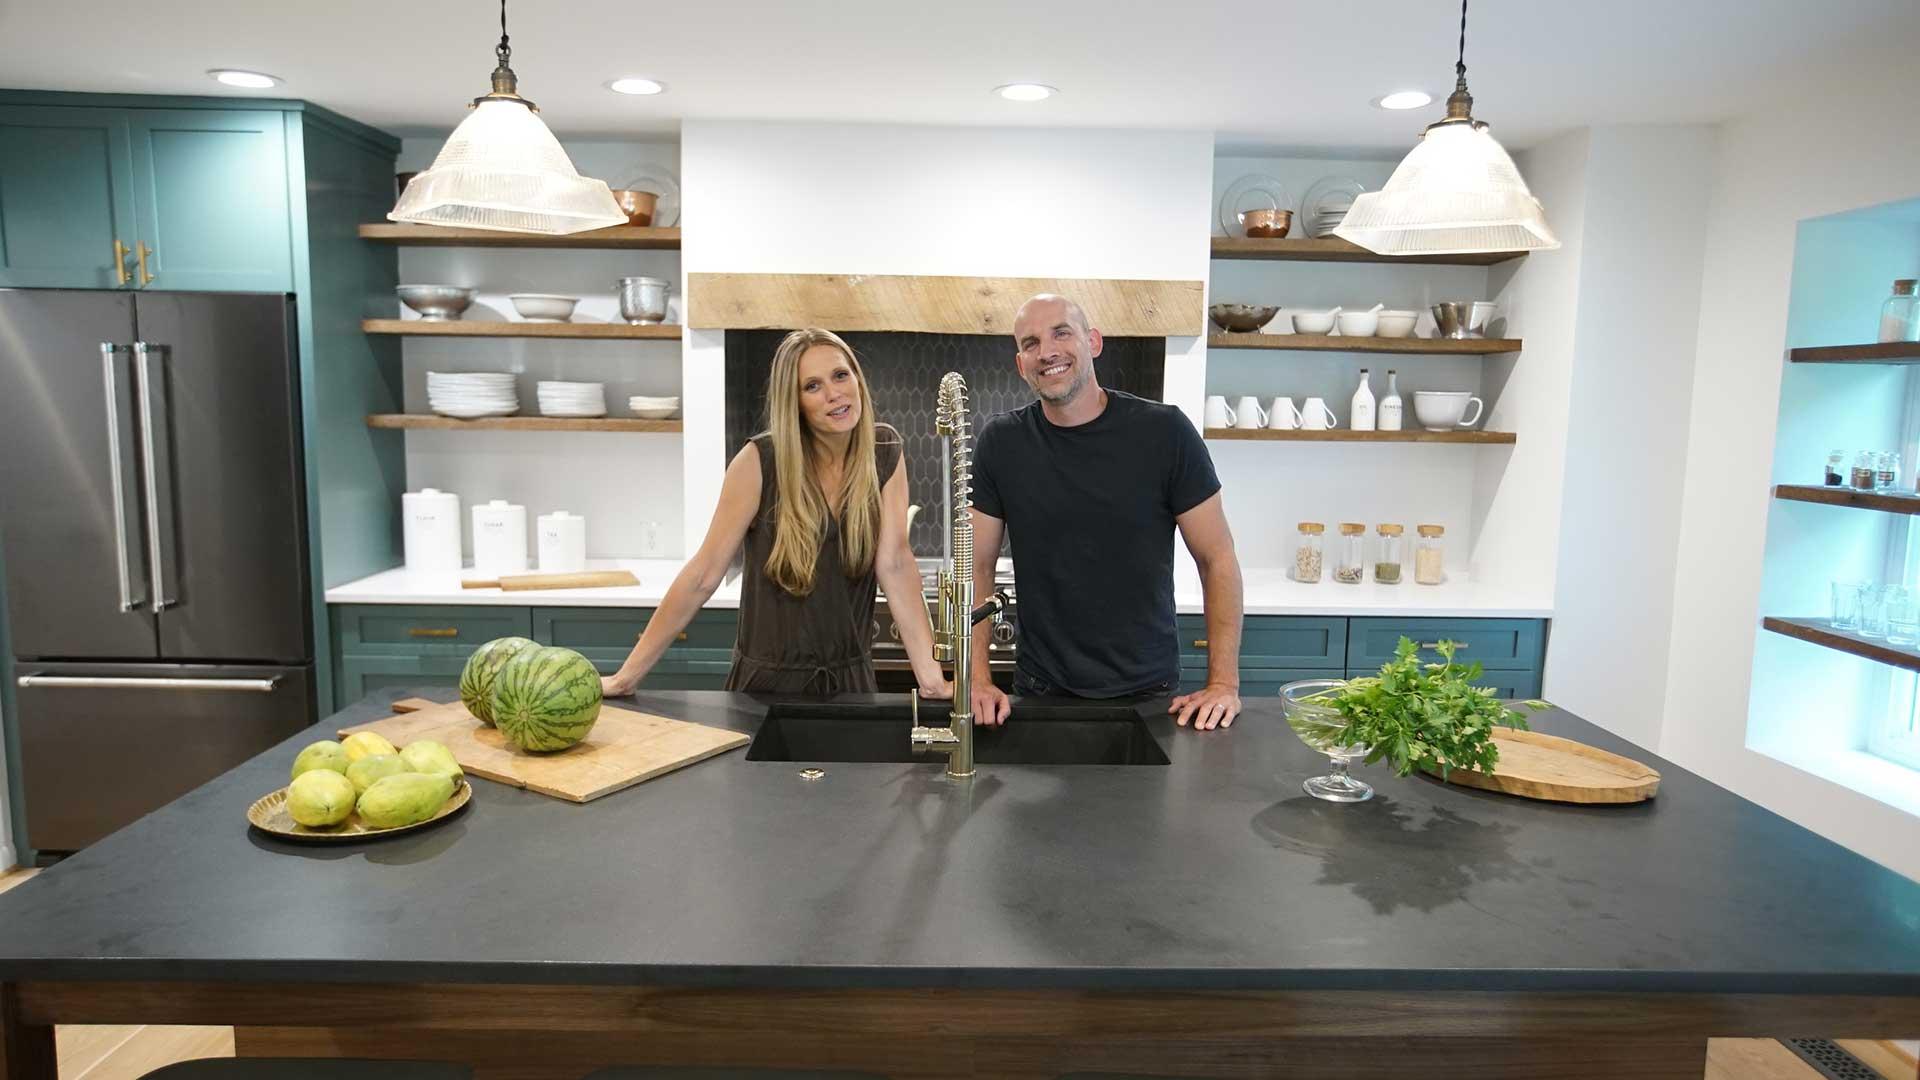 La pareja formada por Lauren y David Liess utiliza todos los recursos a su alcance para convertir anodinas propiedades en espectaculares casas cargadas de innovación